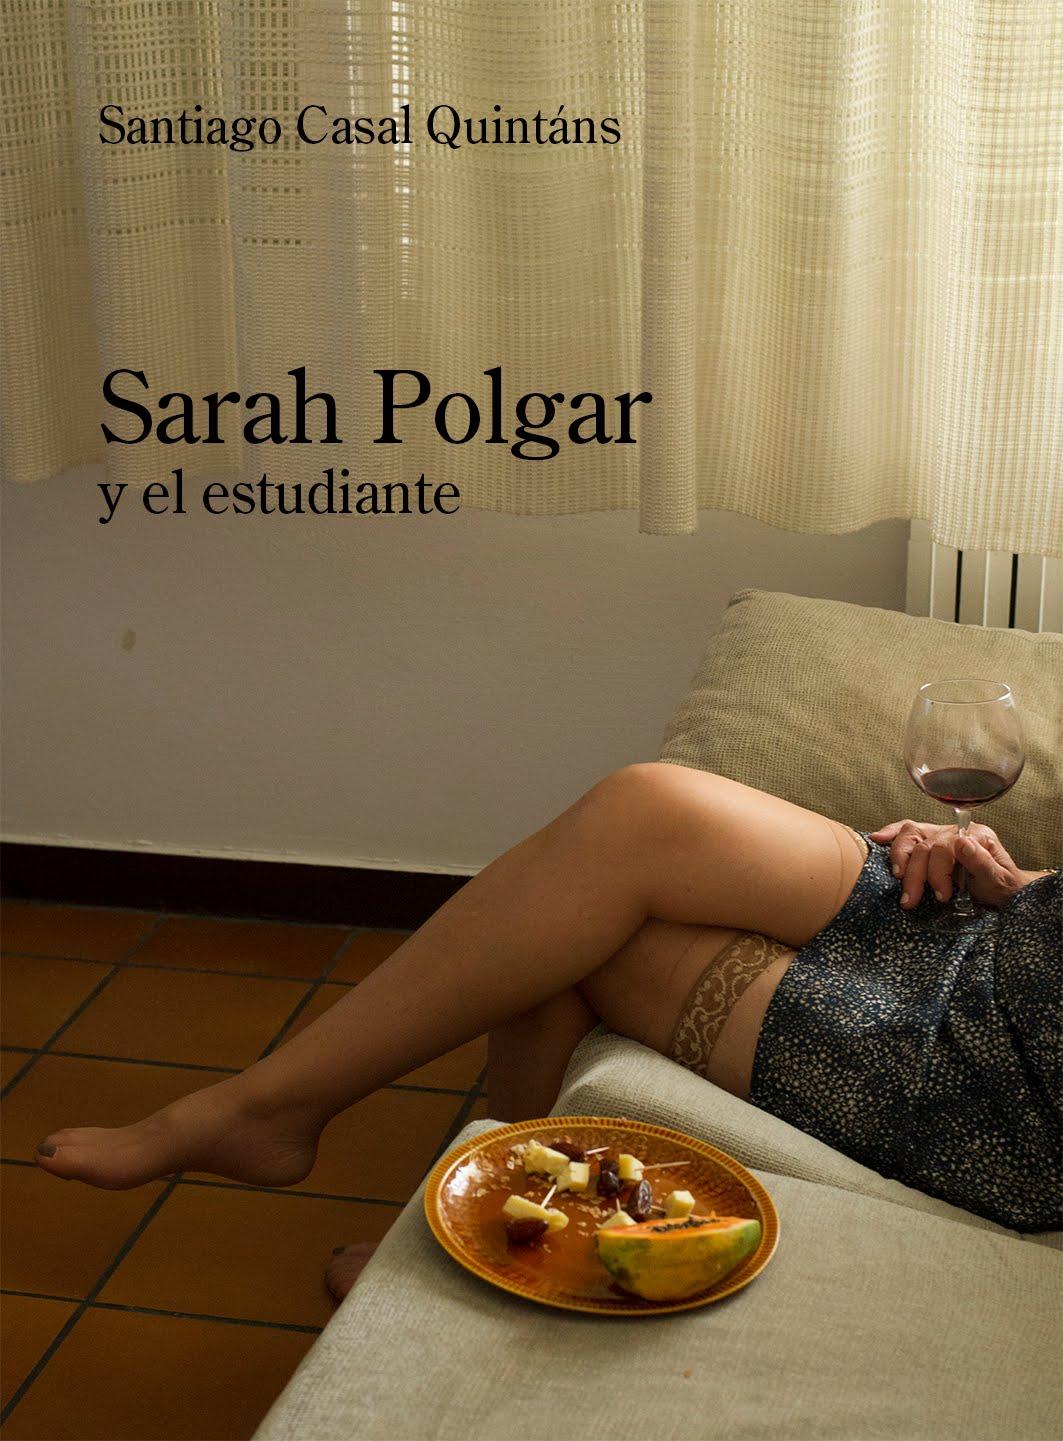 Sarah Polgar y el estudiante